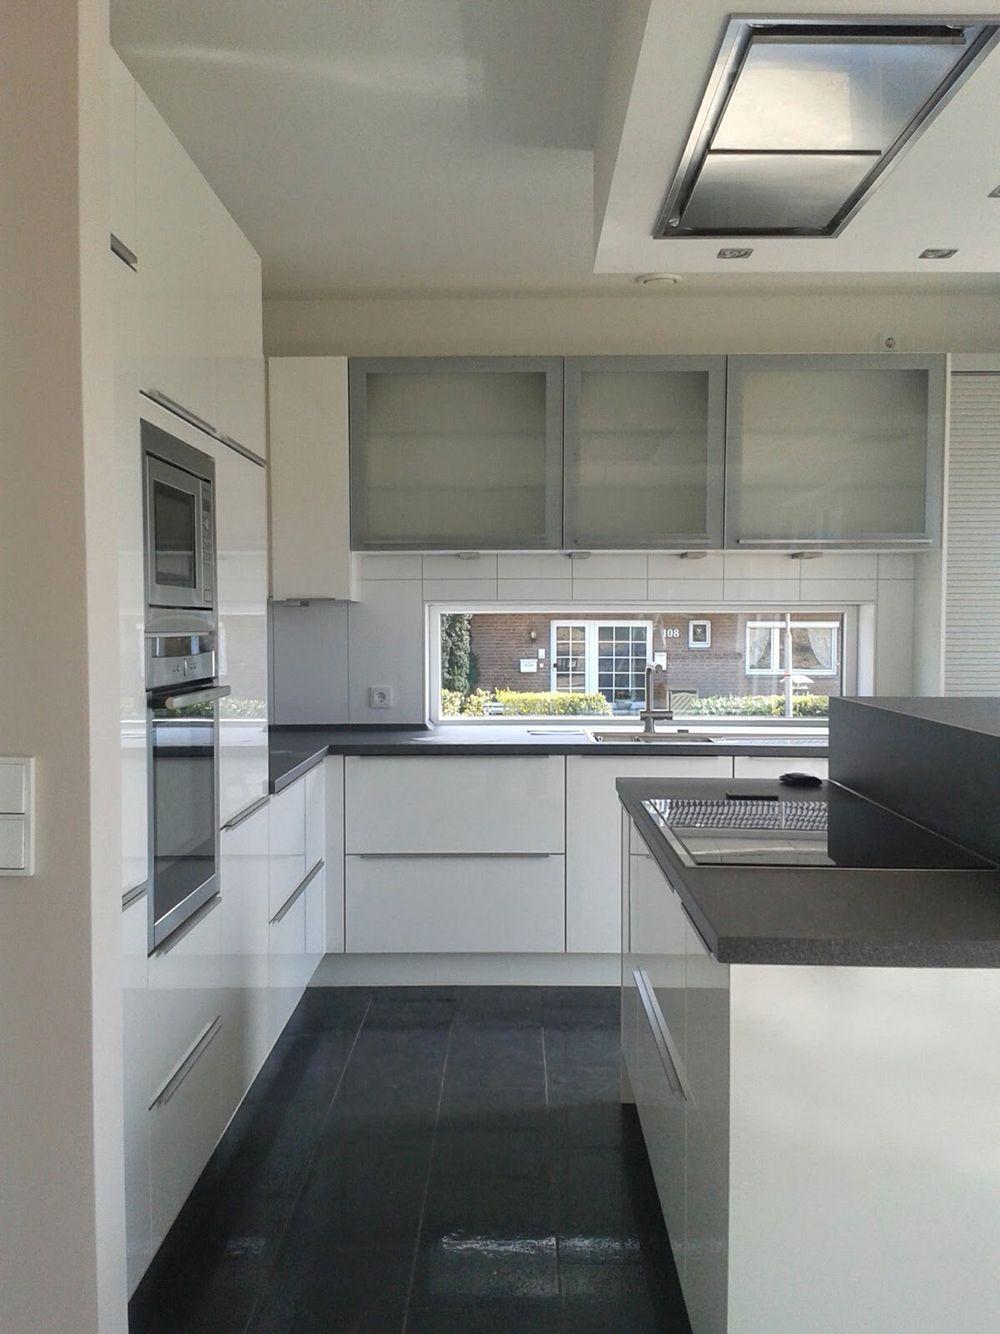 U-förmige küchendesigns grau weiße küche dunkler boden jetzt noch helles holz für die